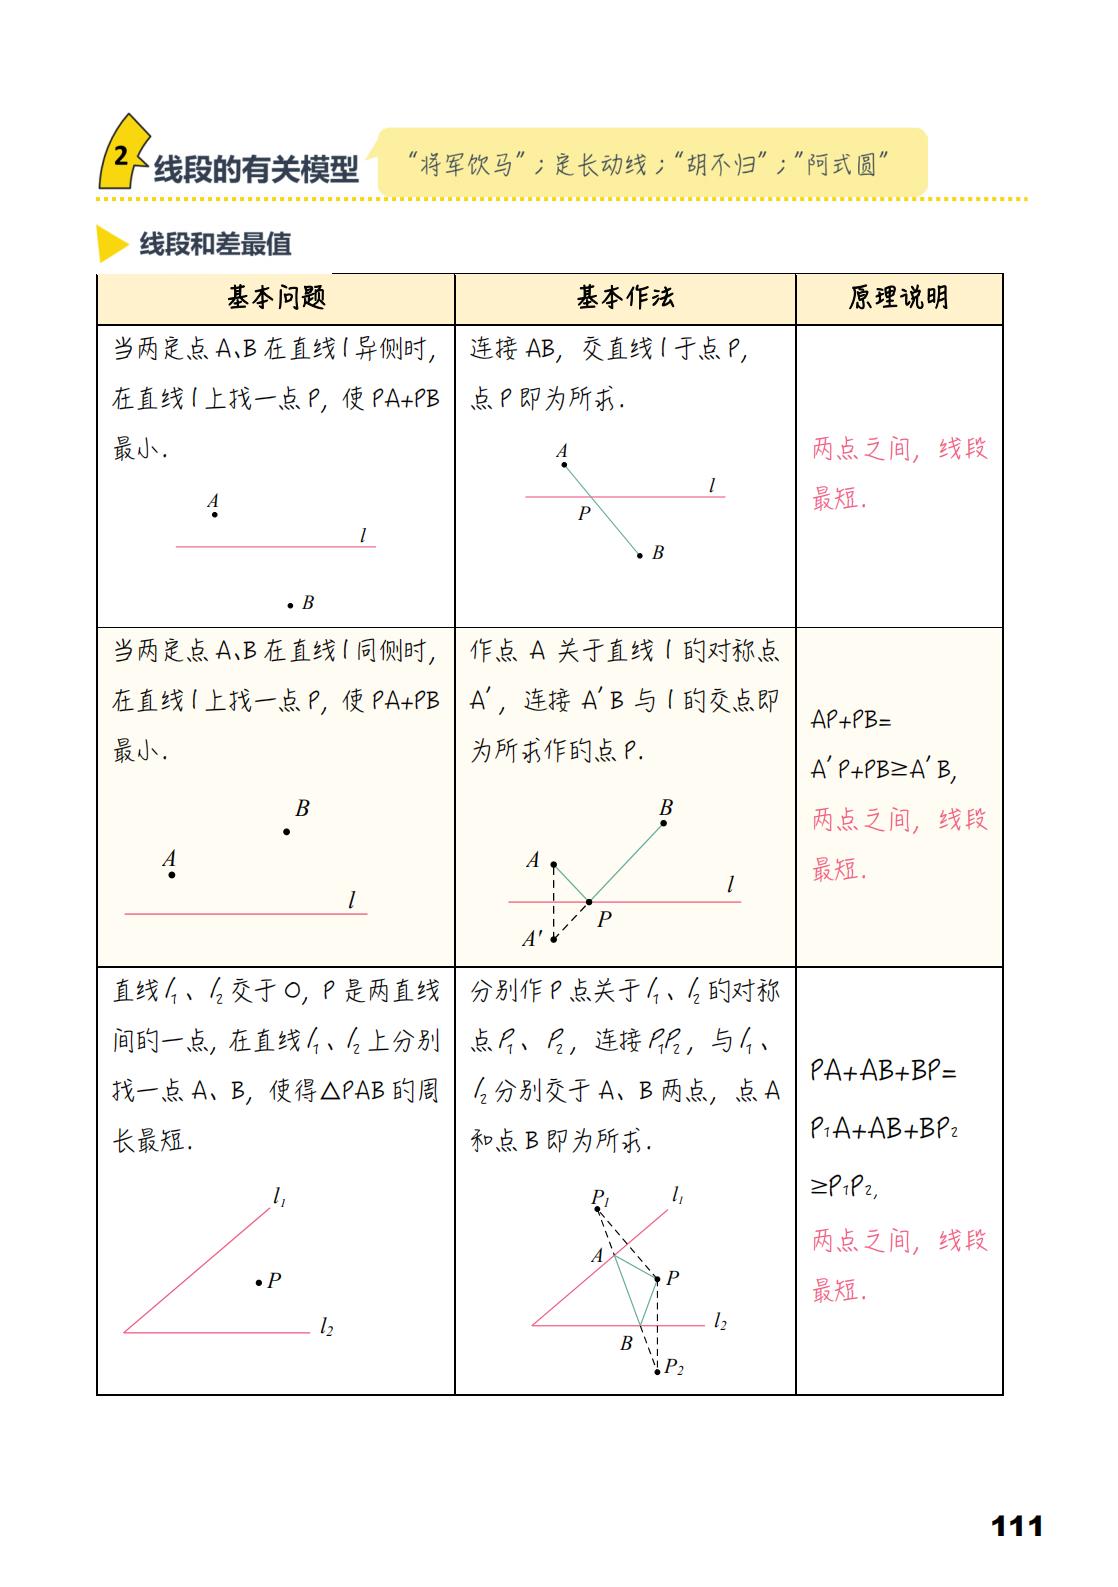 2019初中知识手册-数学_111.png